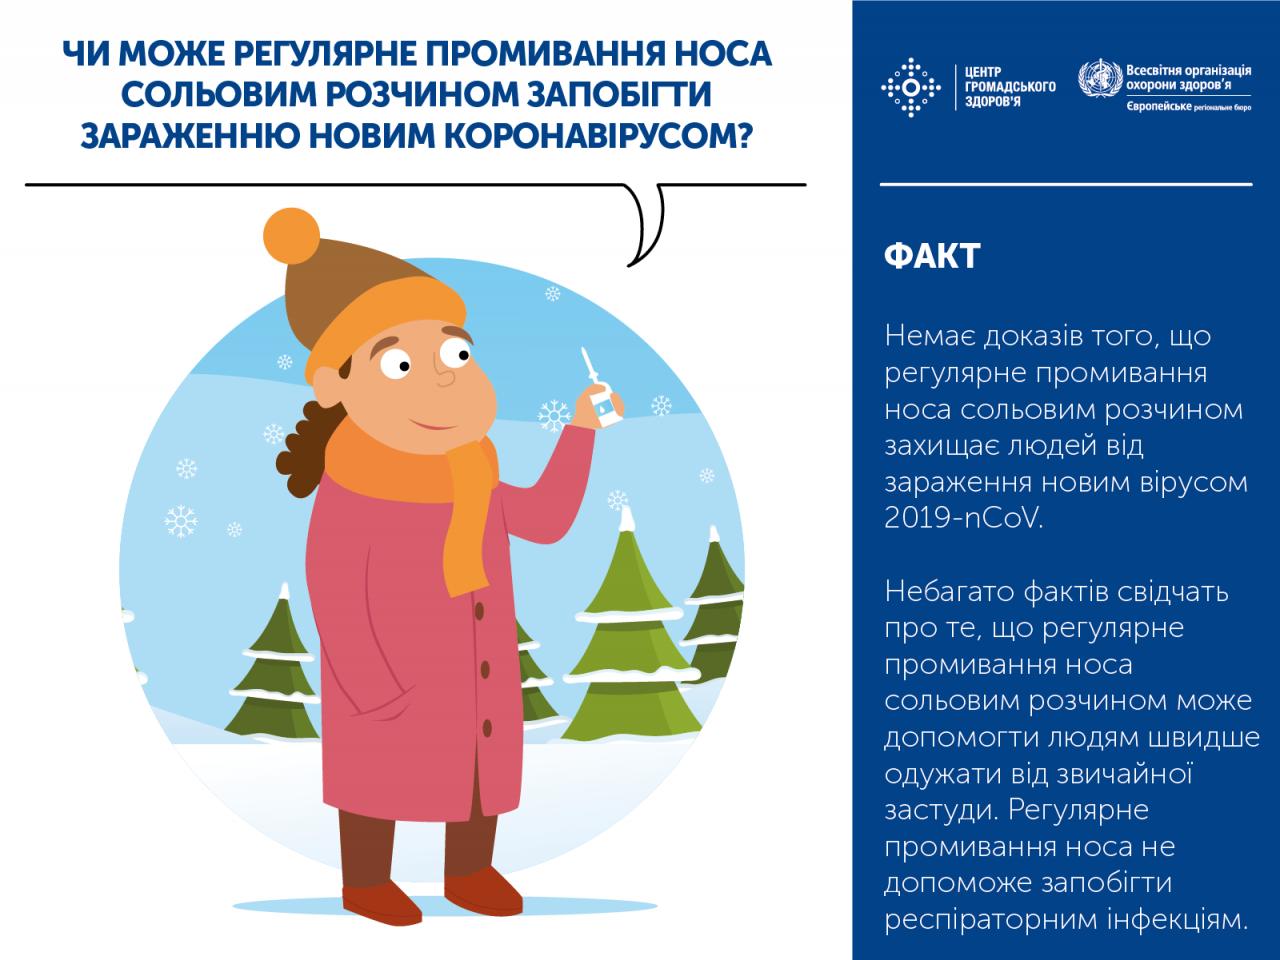 http://dunrada.gov.ua/uploadfile/archive_news/2020/03/16/2020-03-16_803/images/images-11719.png